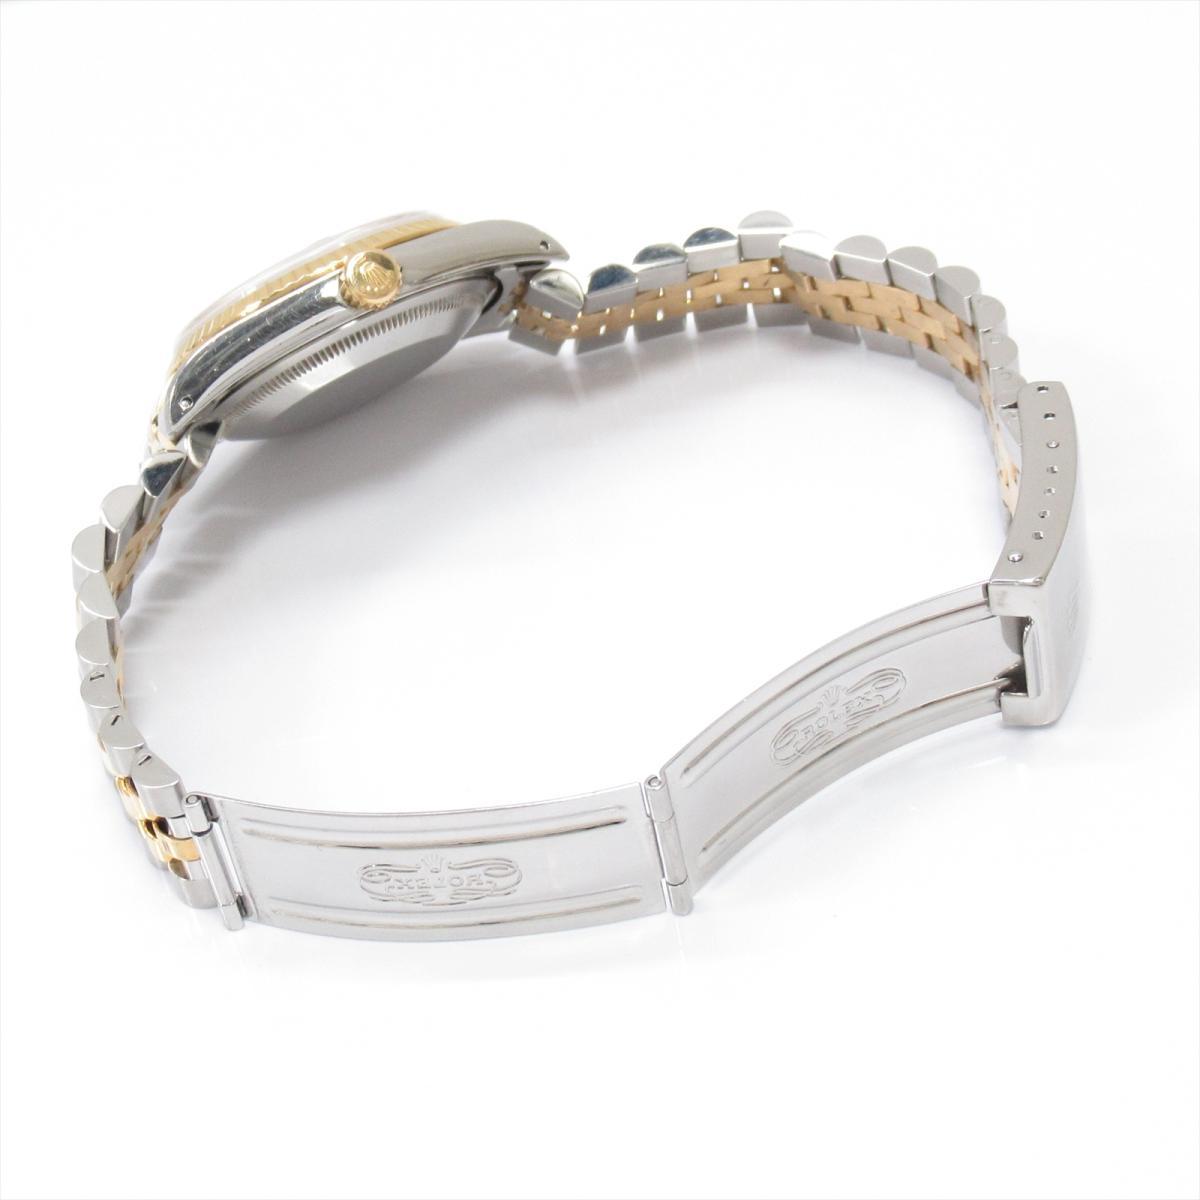 ROLEX 時計 16233 デイトジャスト 腕時計 ウォッチ/SALE